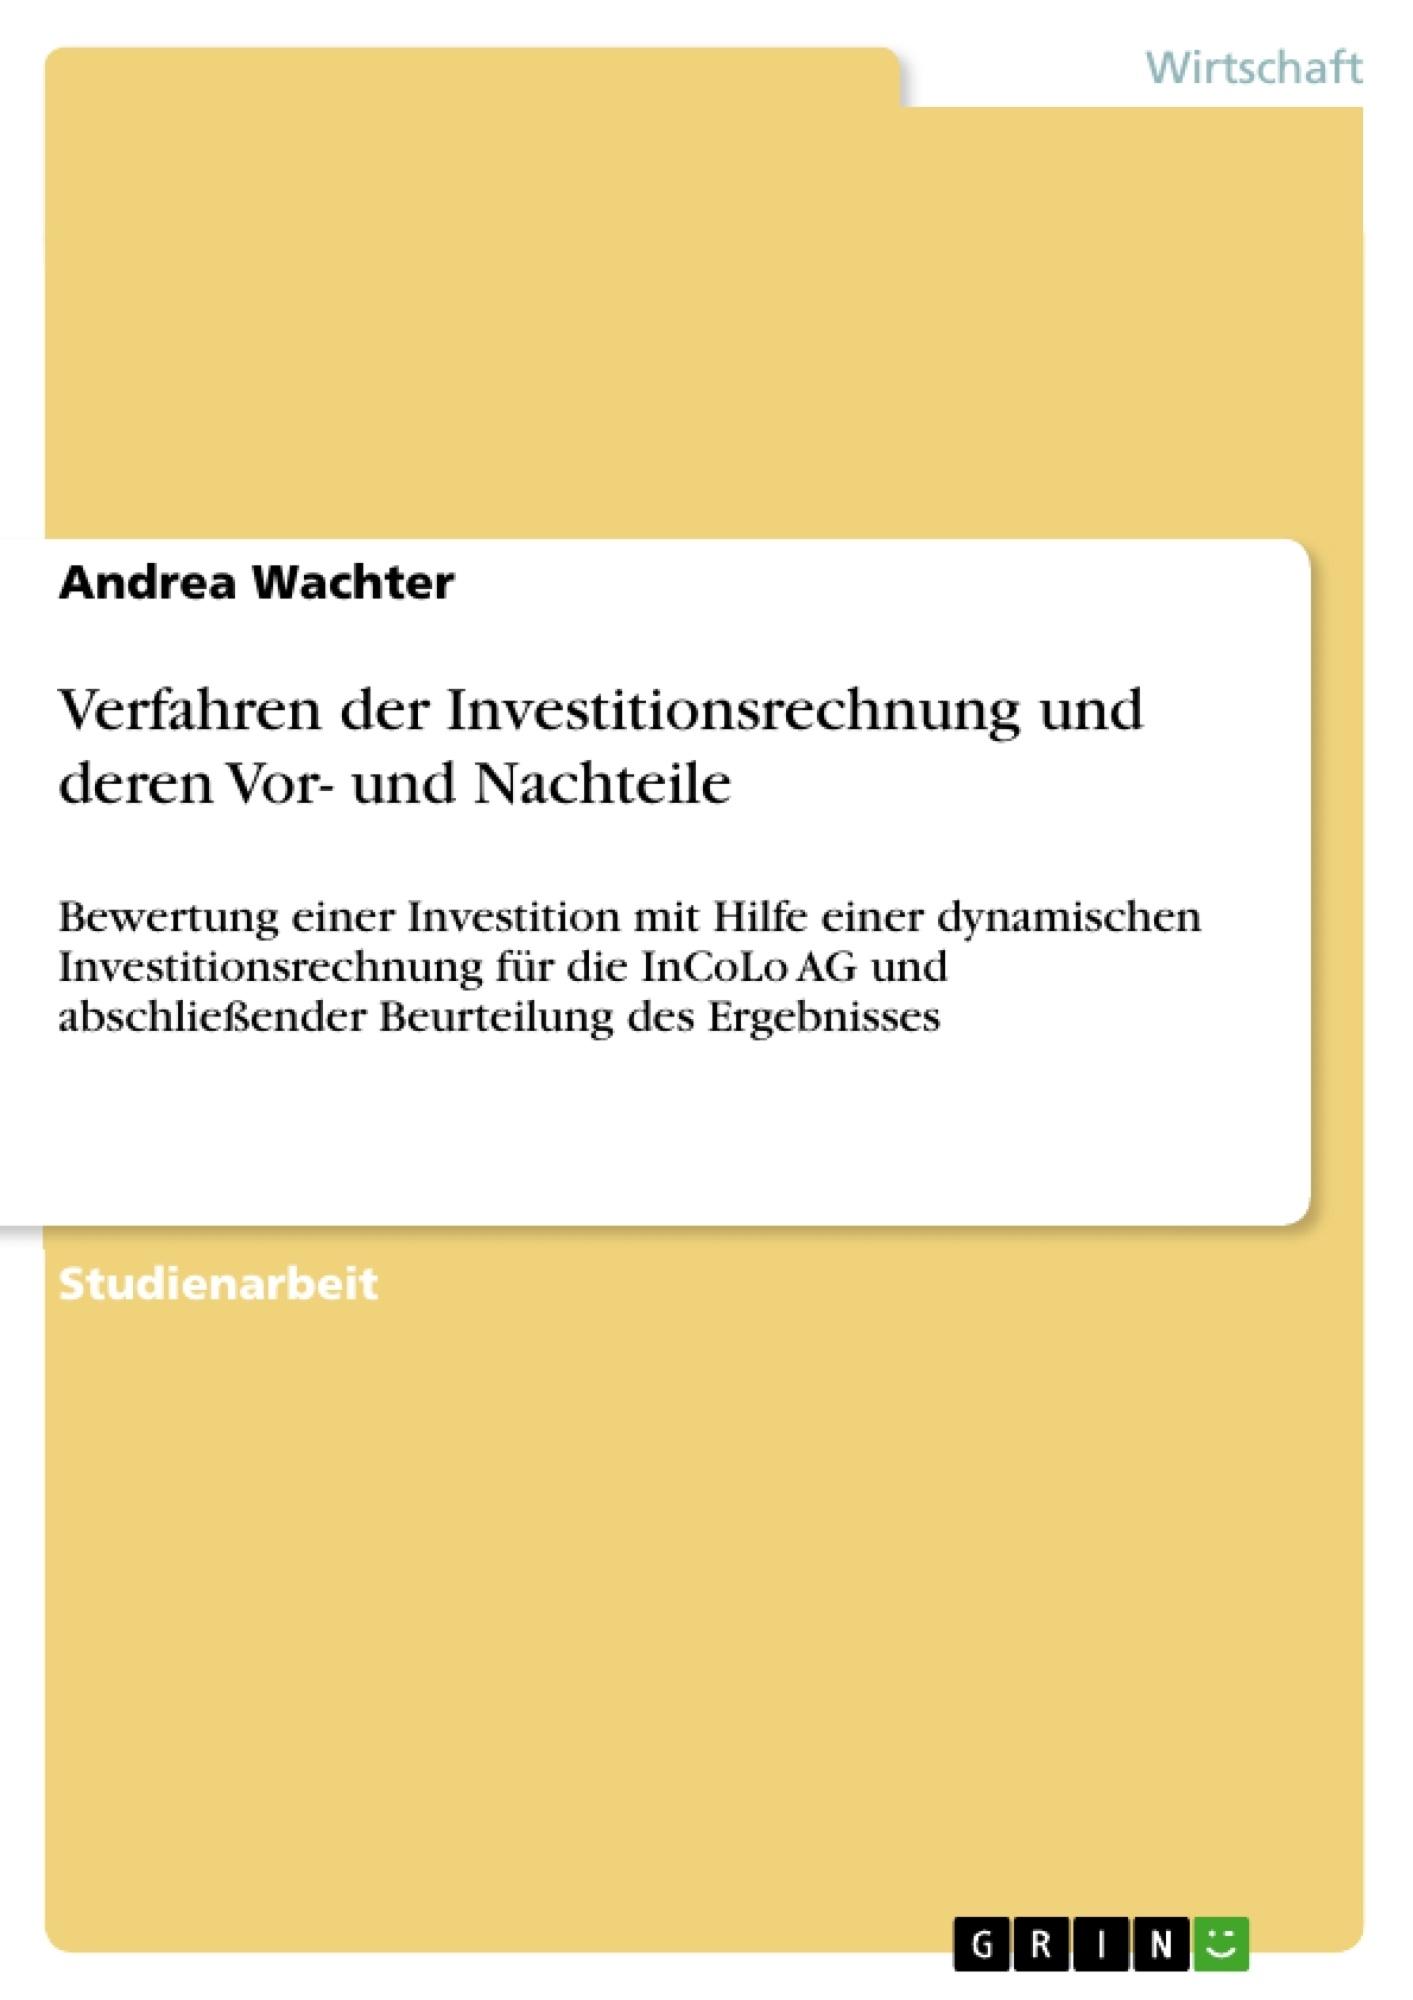 Titel: Verfahren der Investitionsrechnung und deren Vor- und Nachteile